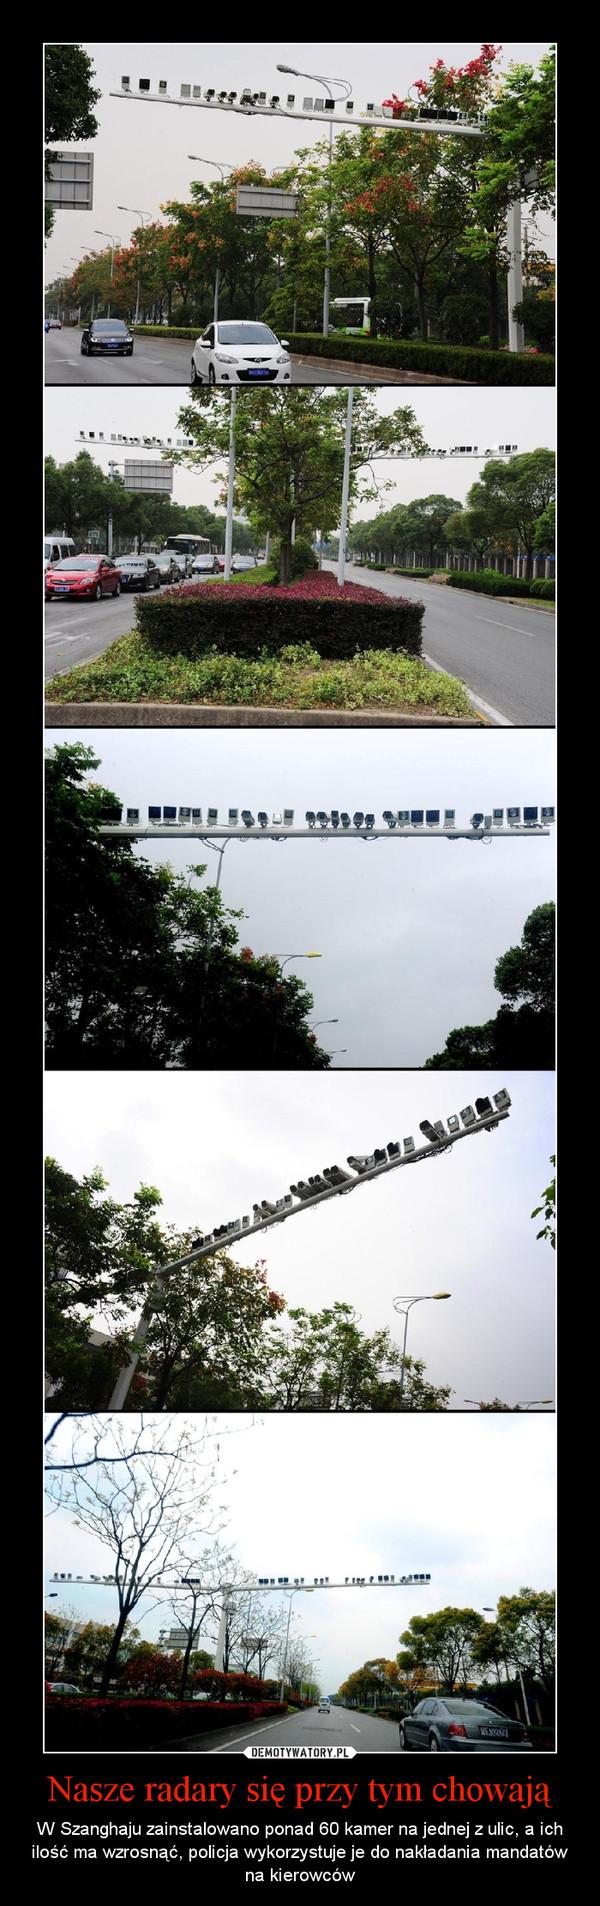 Nasze radary się przy tym chowają – W Szanghaju zainstalowano ponad 60 kamer na jednej z ulic, a ich ilość ma wzrosnąć, policja wykorzystuje je do nakładania mandatów na kierowców